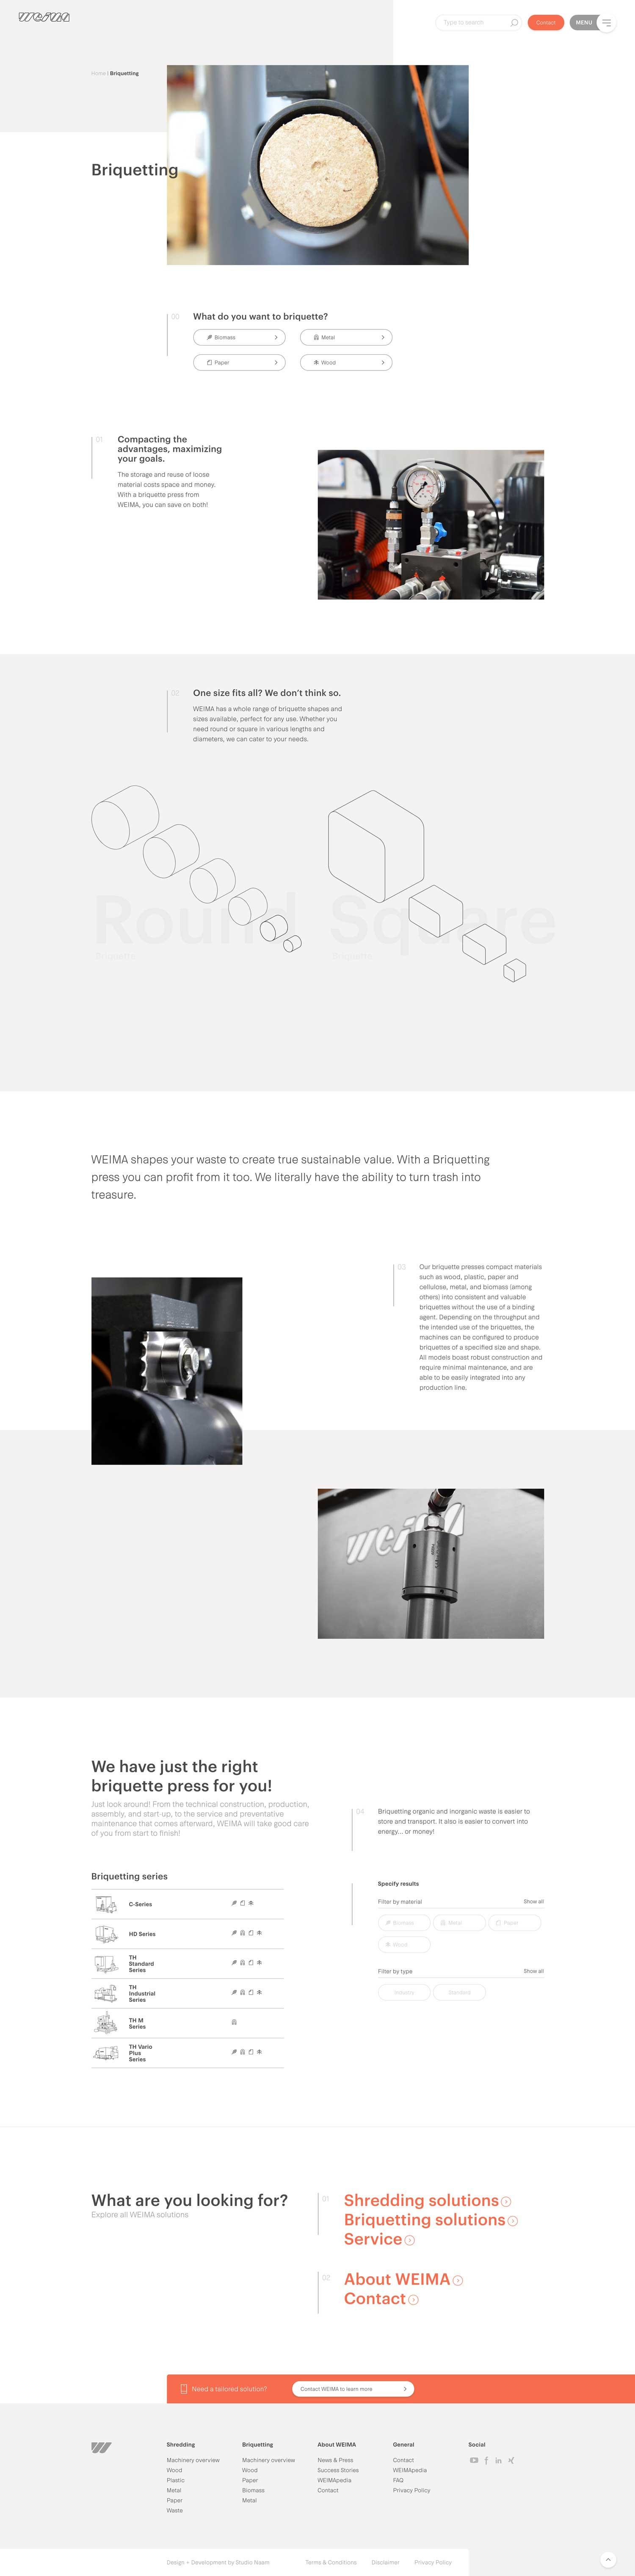 De Weima Maschinenbau briquette pagina.